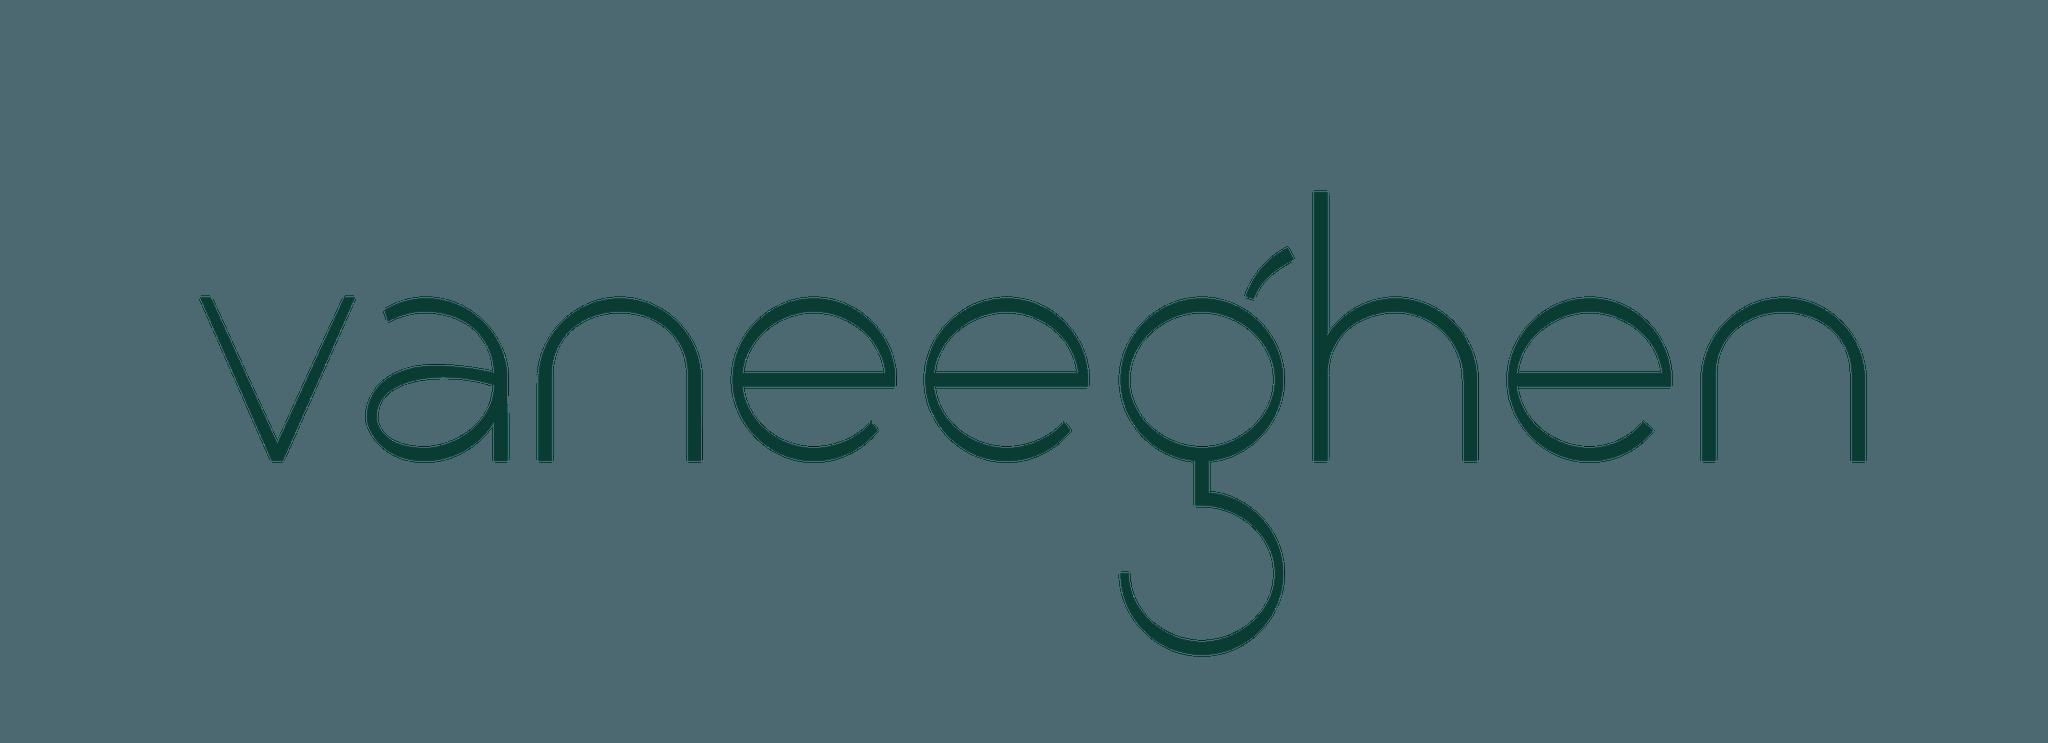 Van Eeghen logo